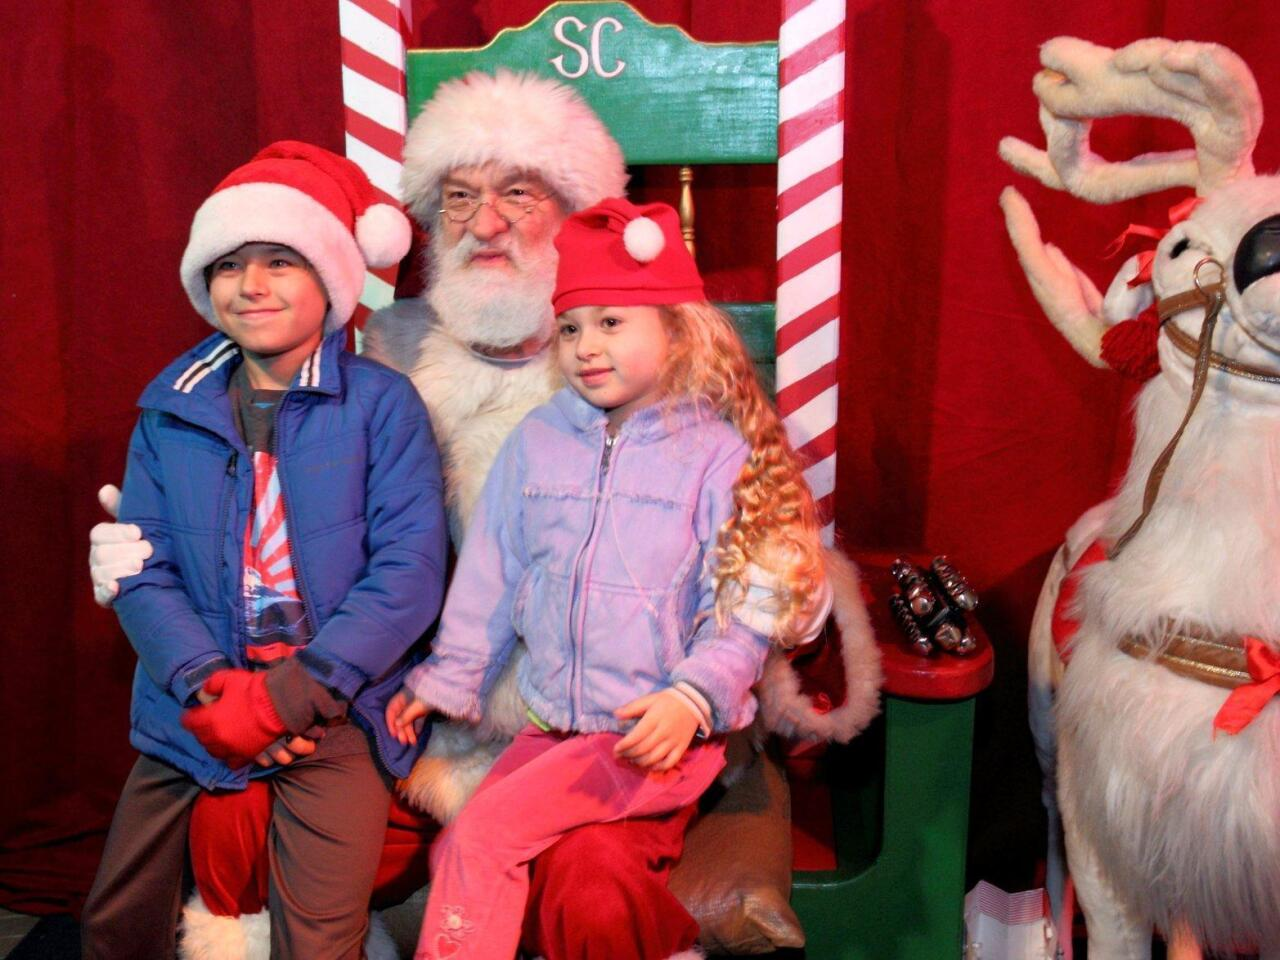 Aidan and Ava Farmer visit with Santa